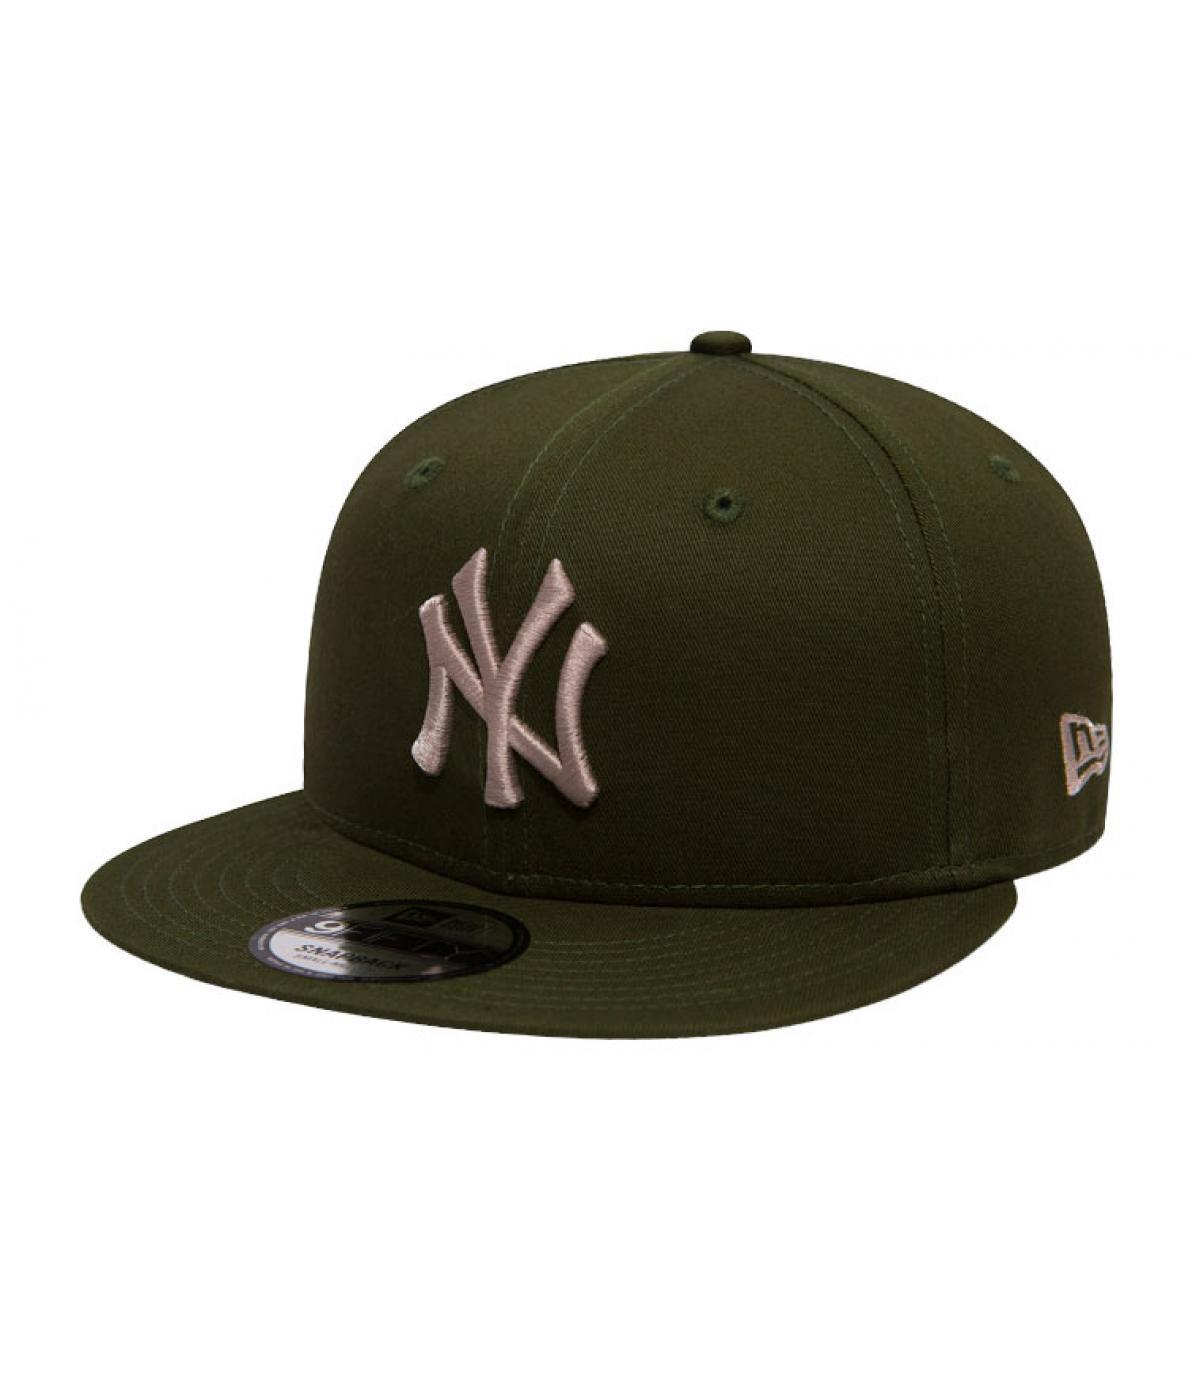 NY snapback green grey - League Ess 9Fifty NY rifle green stone by ... 908bca94bf0